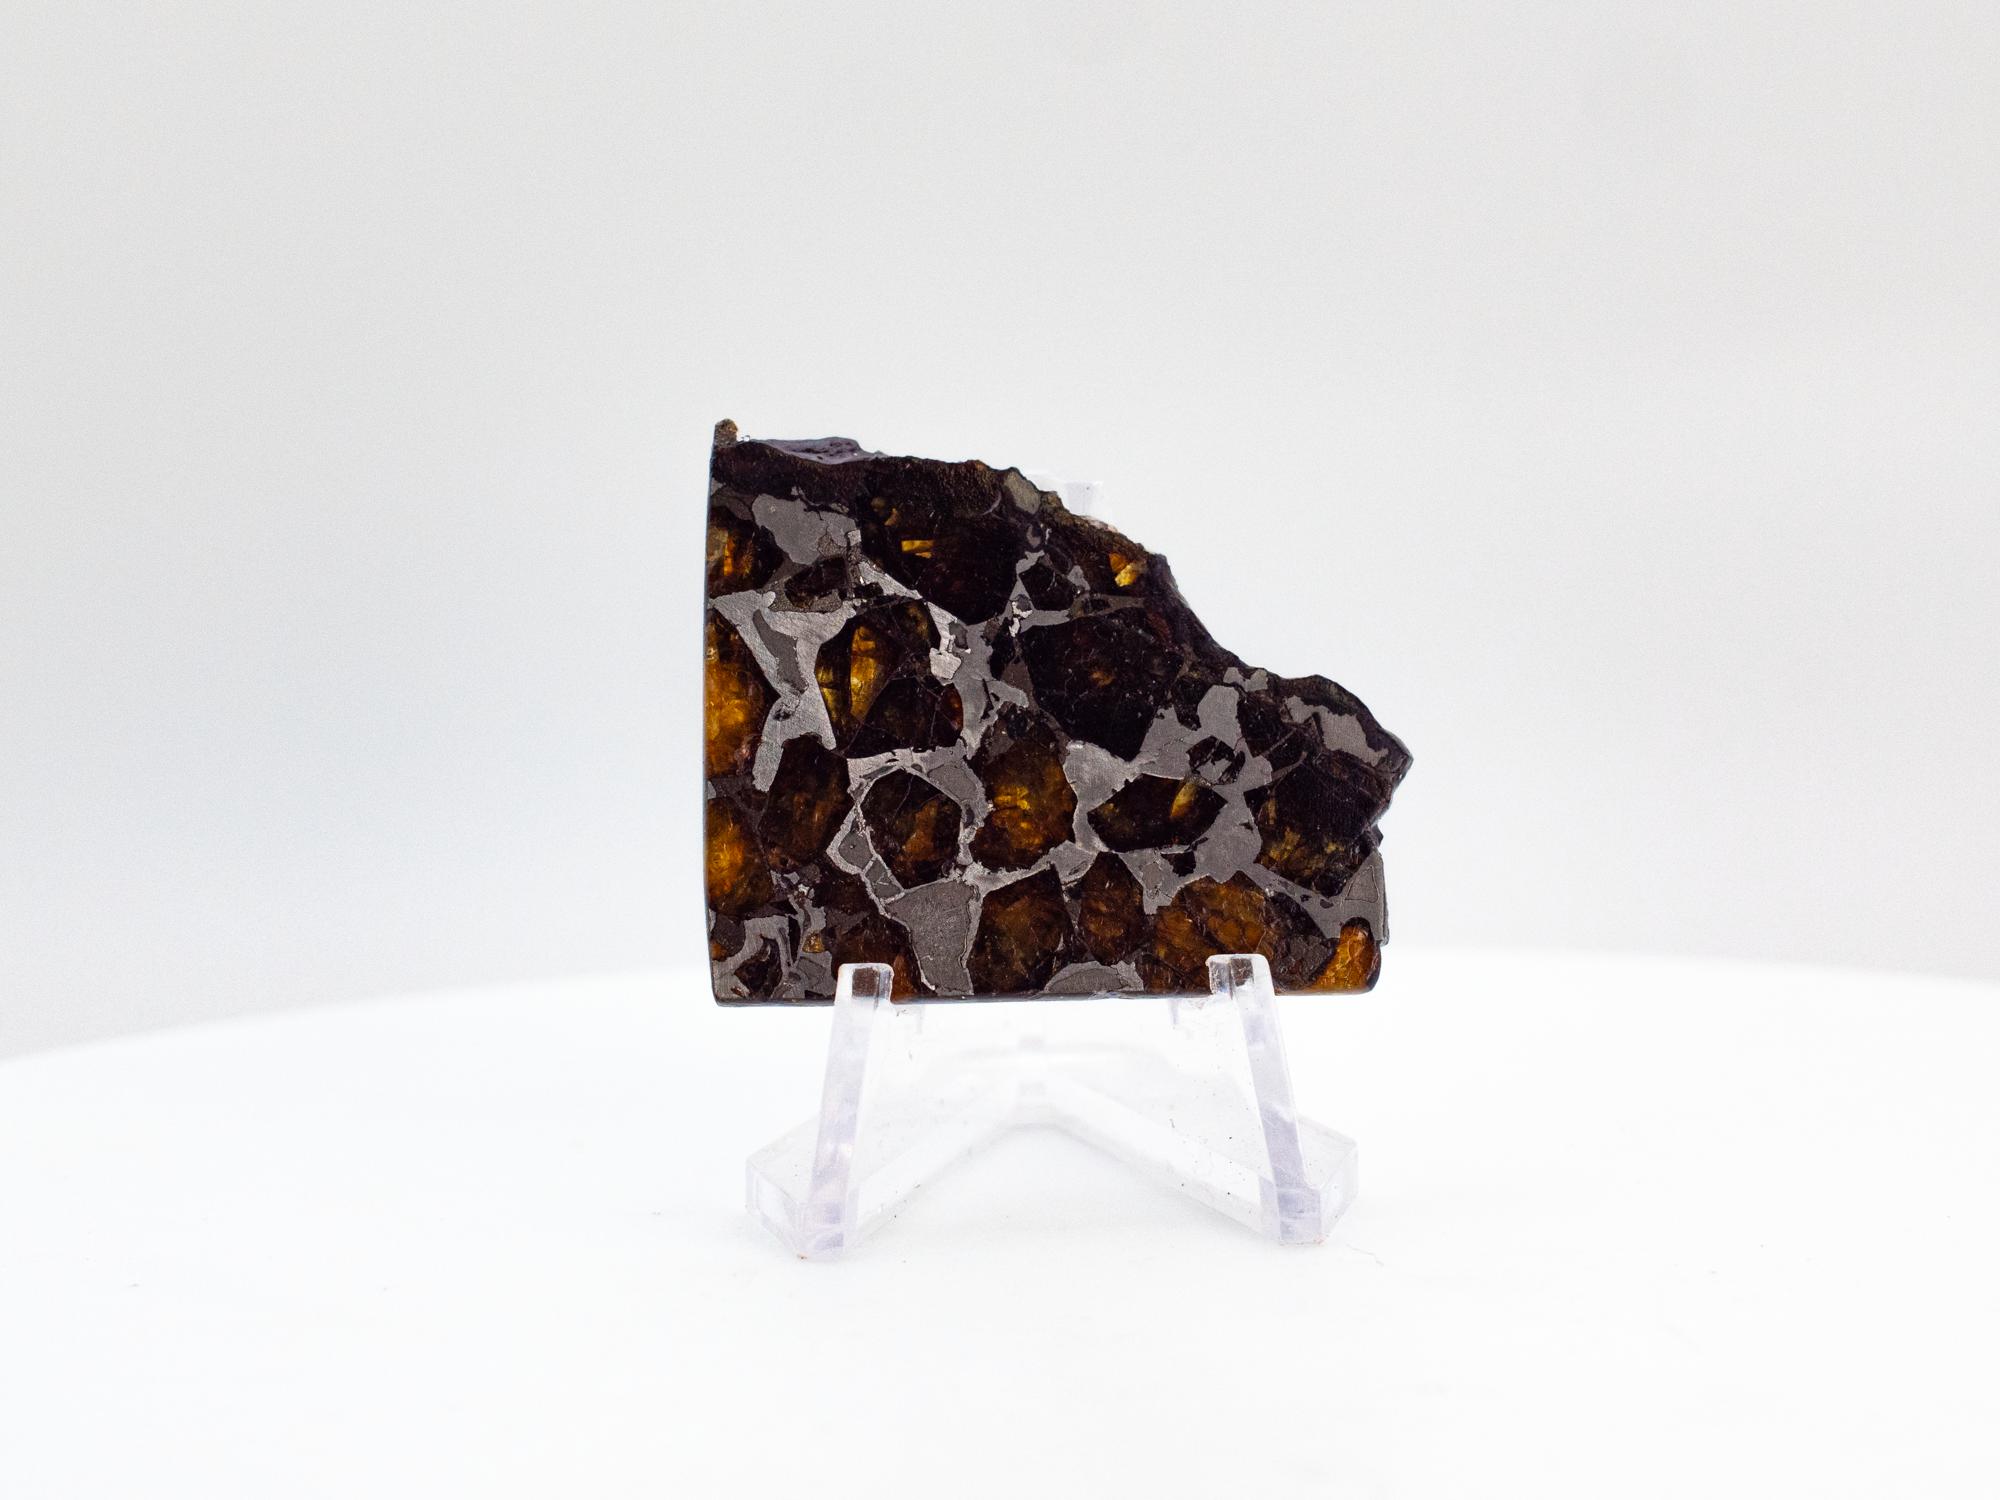 brahin meteorite 9 grams